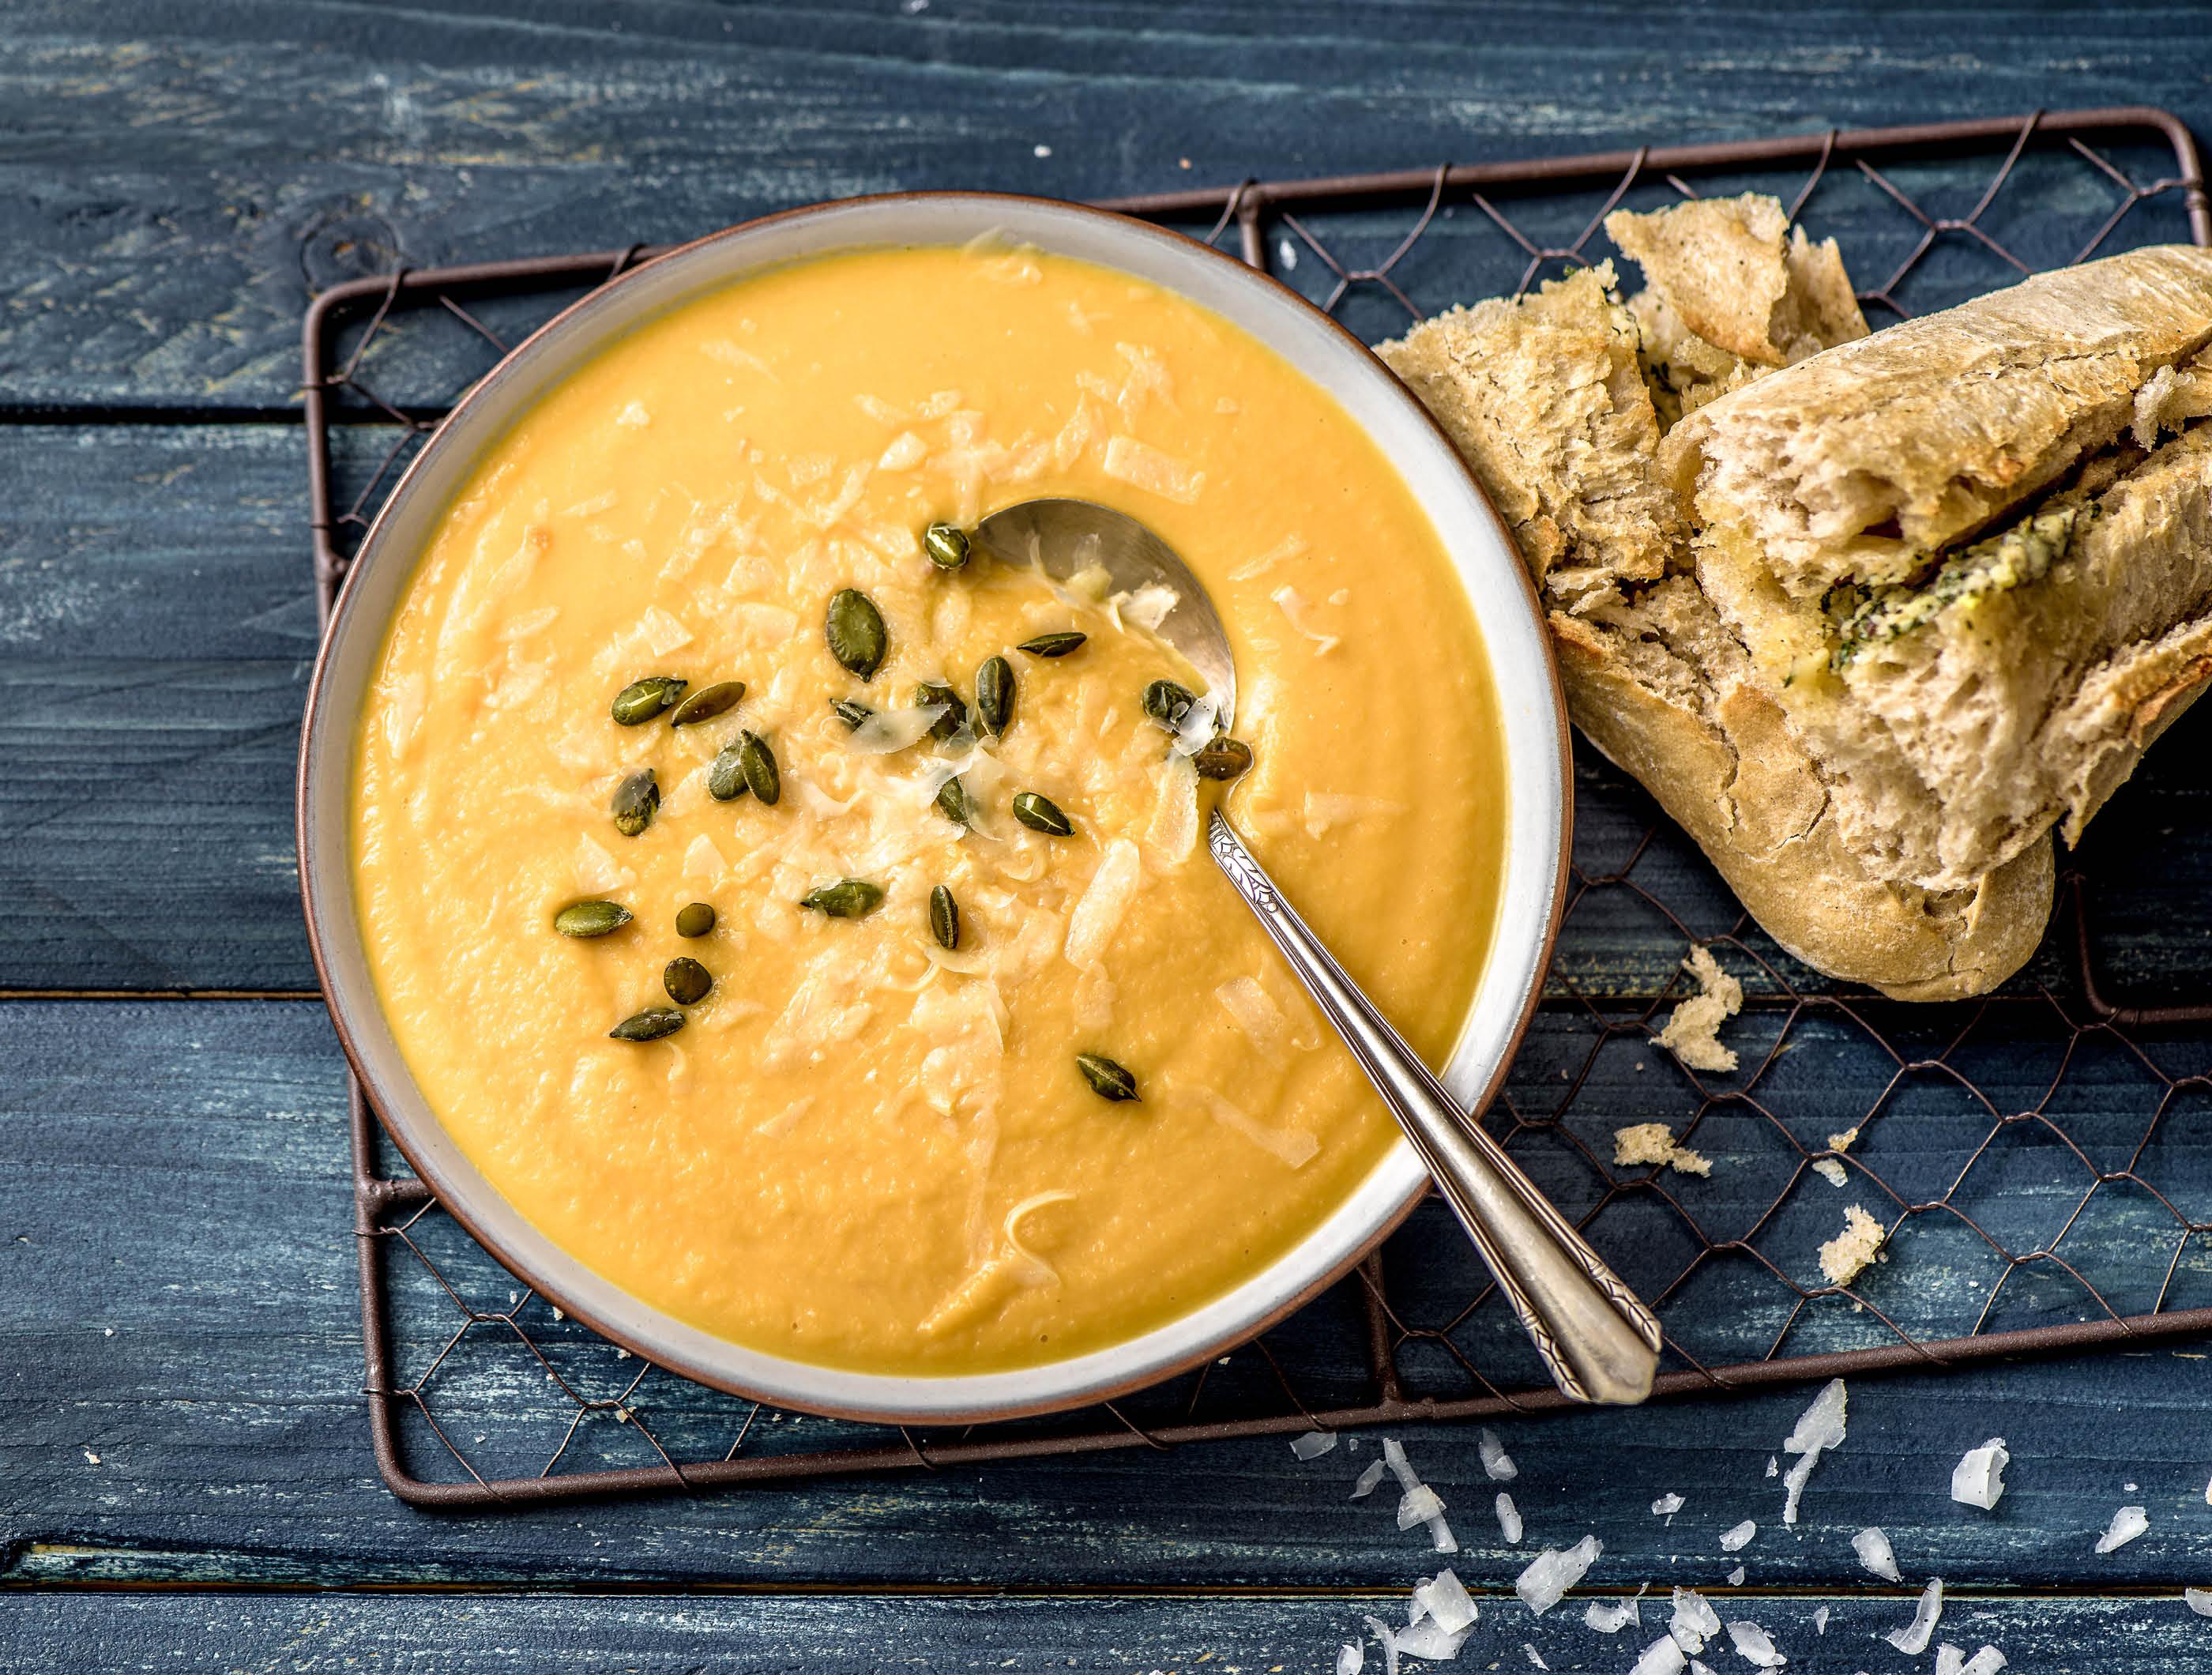 Bataat-knolselderijsoep met pompoenpitten en kruidenbaguette